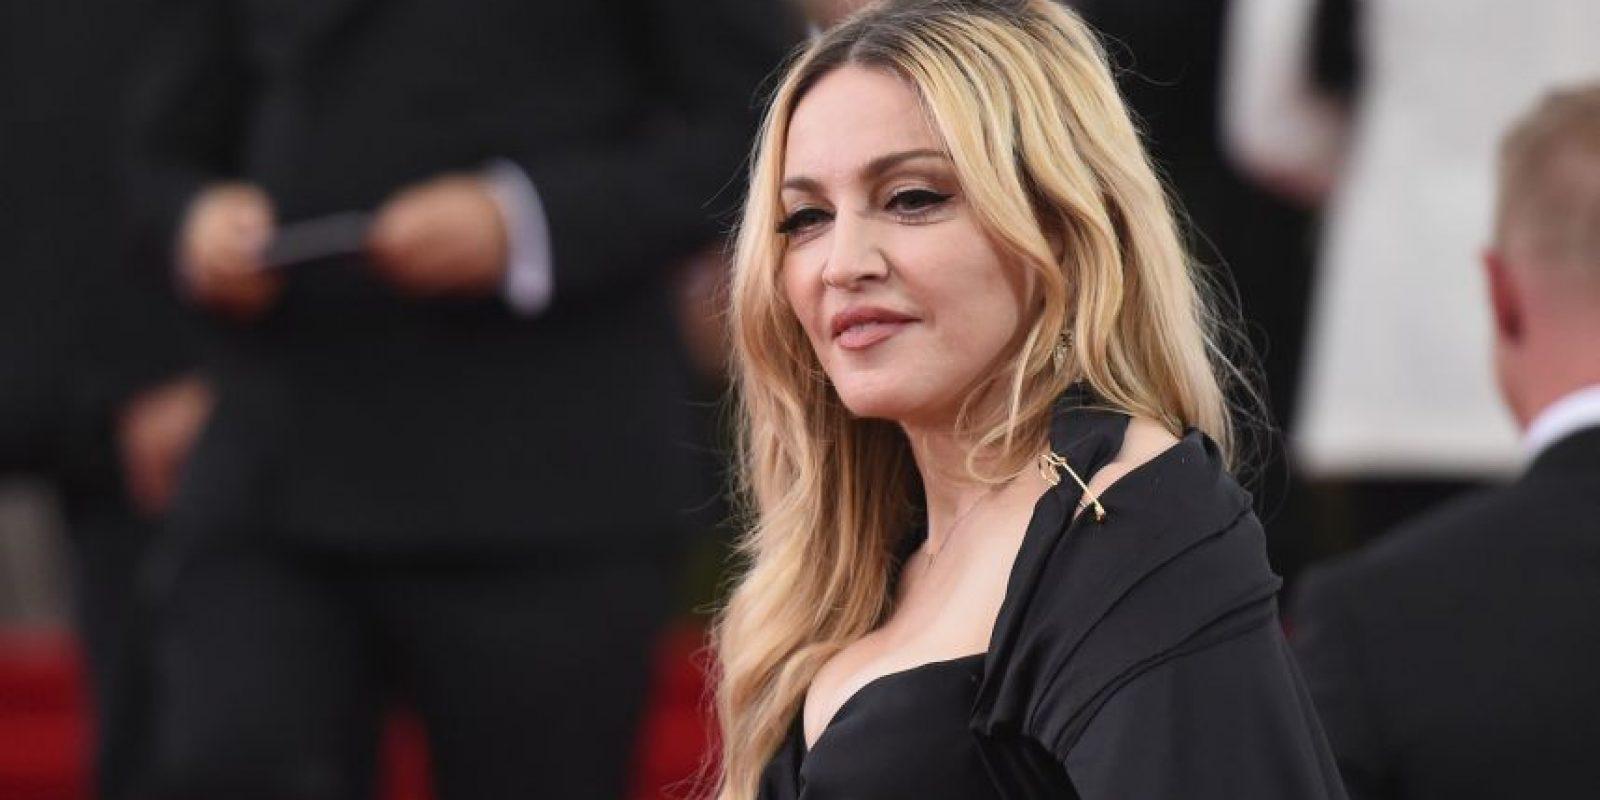 """La """"Reina del Pop"""" también le teme a la pasión que sus fans puedan sentir por ella, pues en 2012, el diario """"Daily Mirror"""" de Inglaterra publicó que una de las exigencias de la diva, es que su camerino se esterilice después de ser ocupado por ella. Foto:Getty Images"""